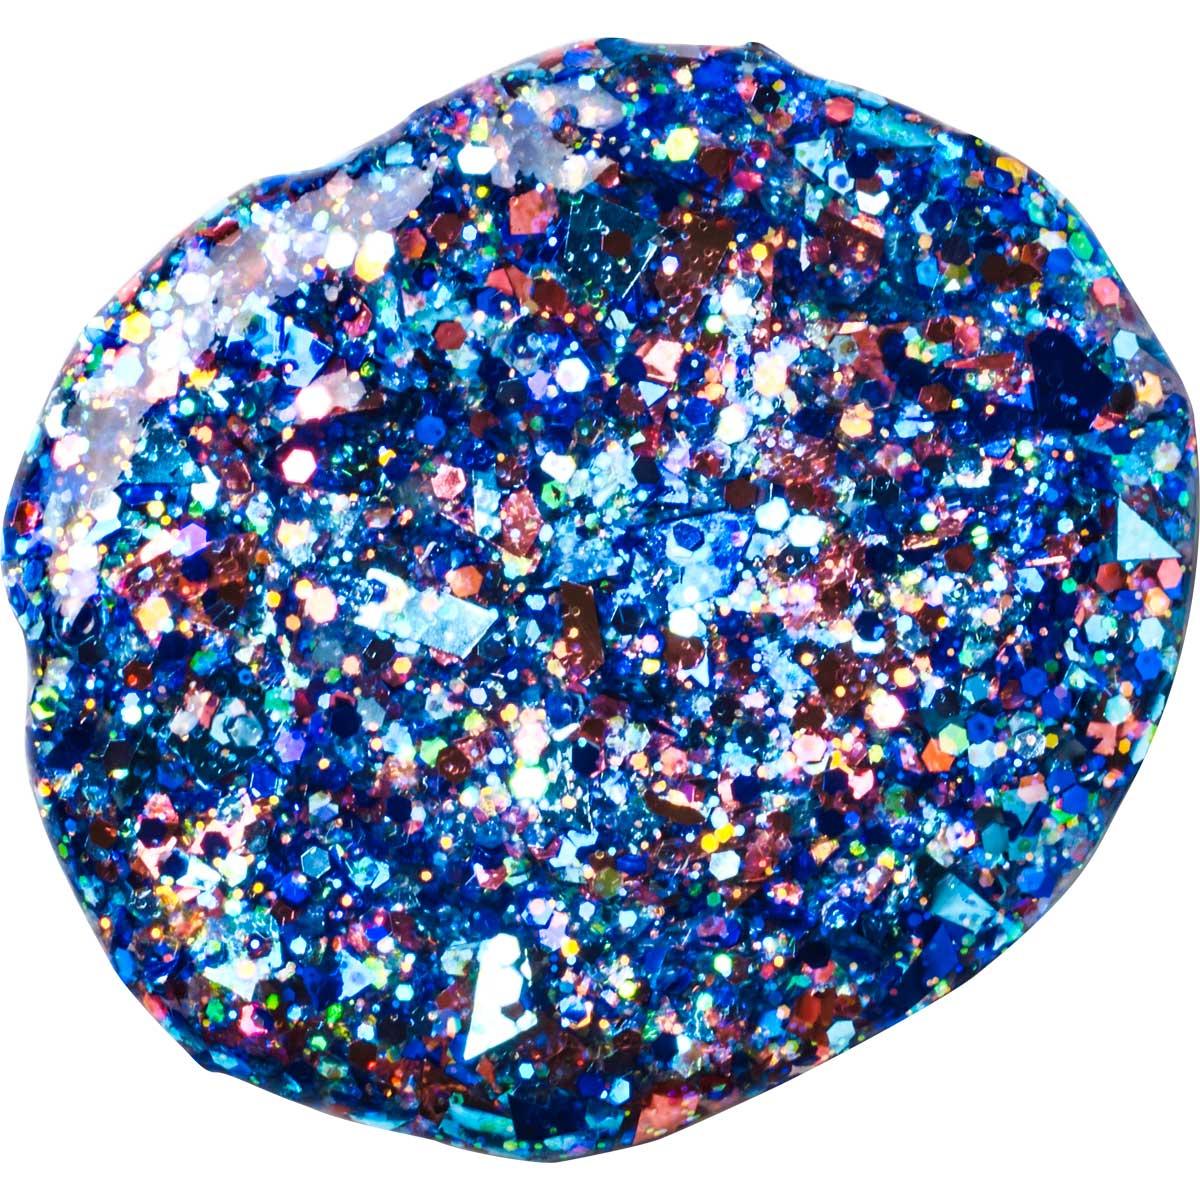 FolkArt ® Glitterific™ Acrylic Paint - Blue Moon, 2 oz.